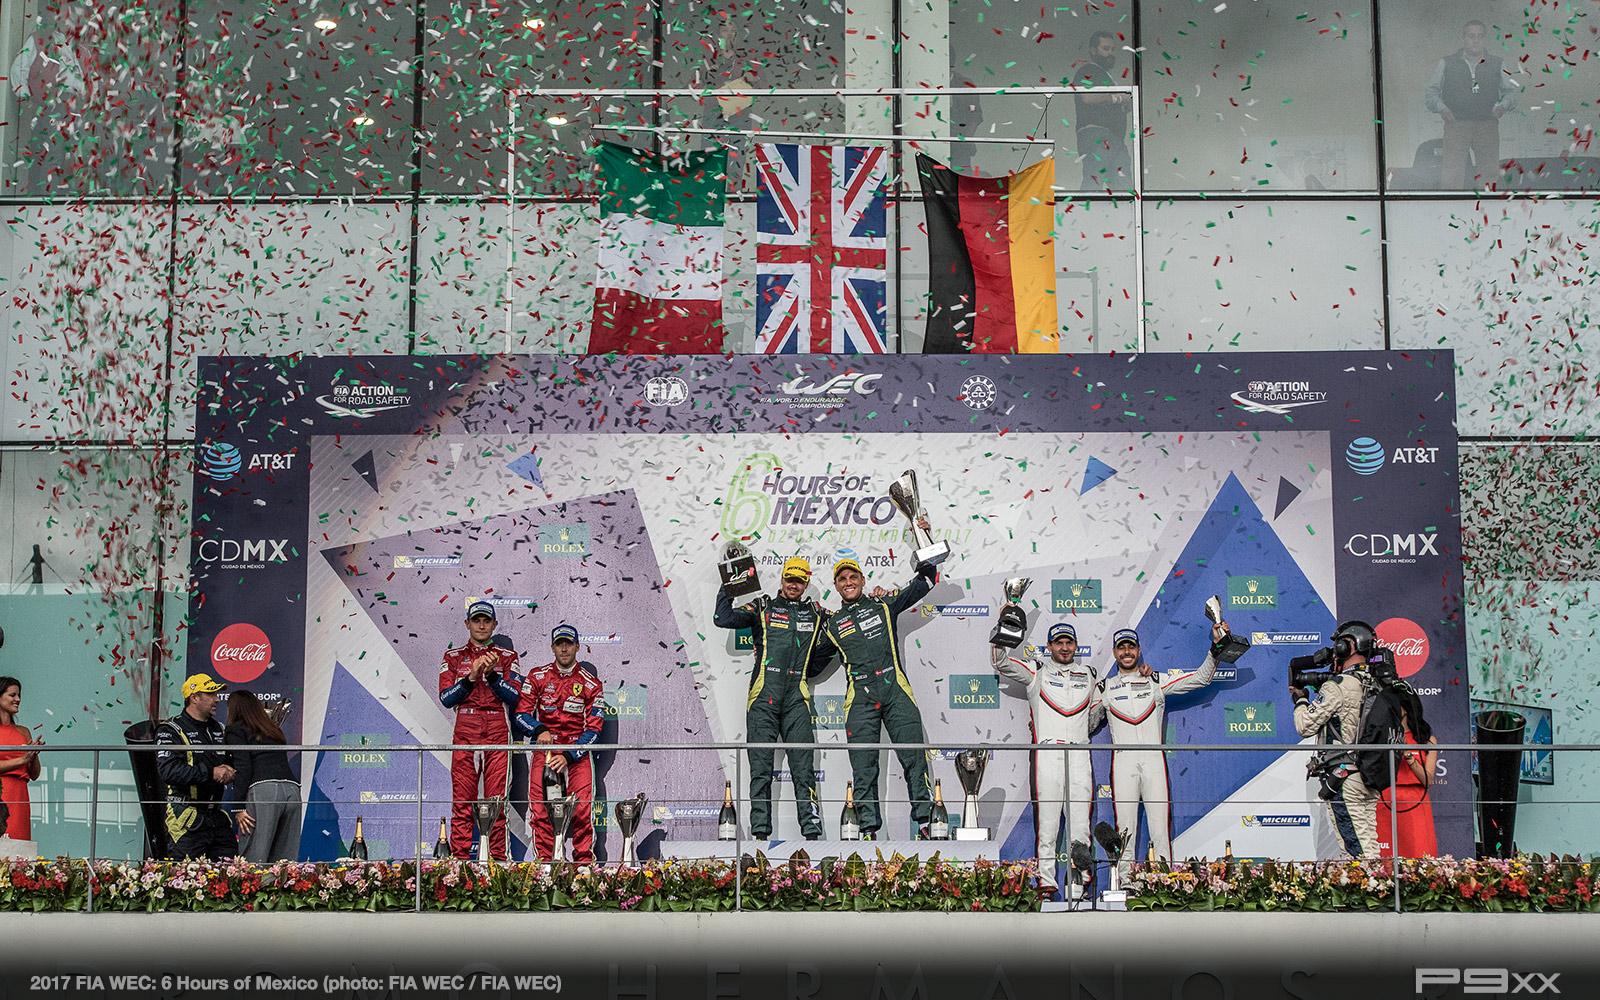 2017-FIA-WEC-6-HOURS-MEXICO-PORSCHE-1292